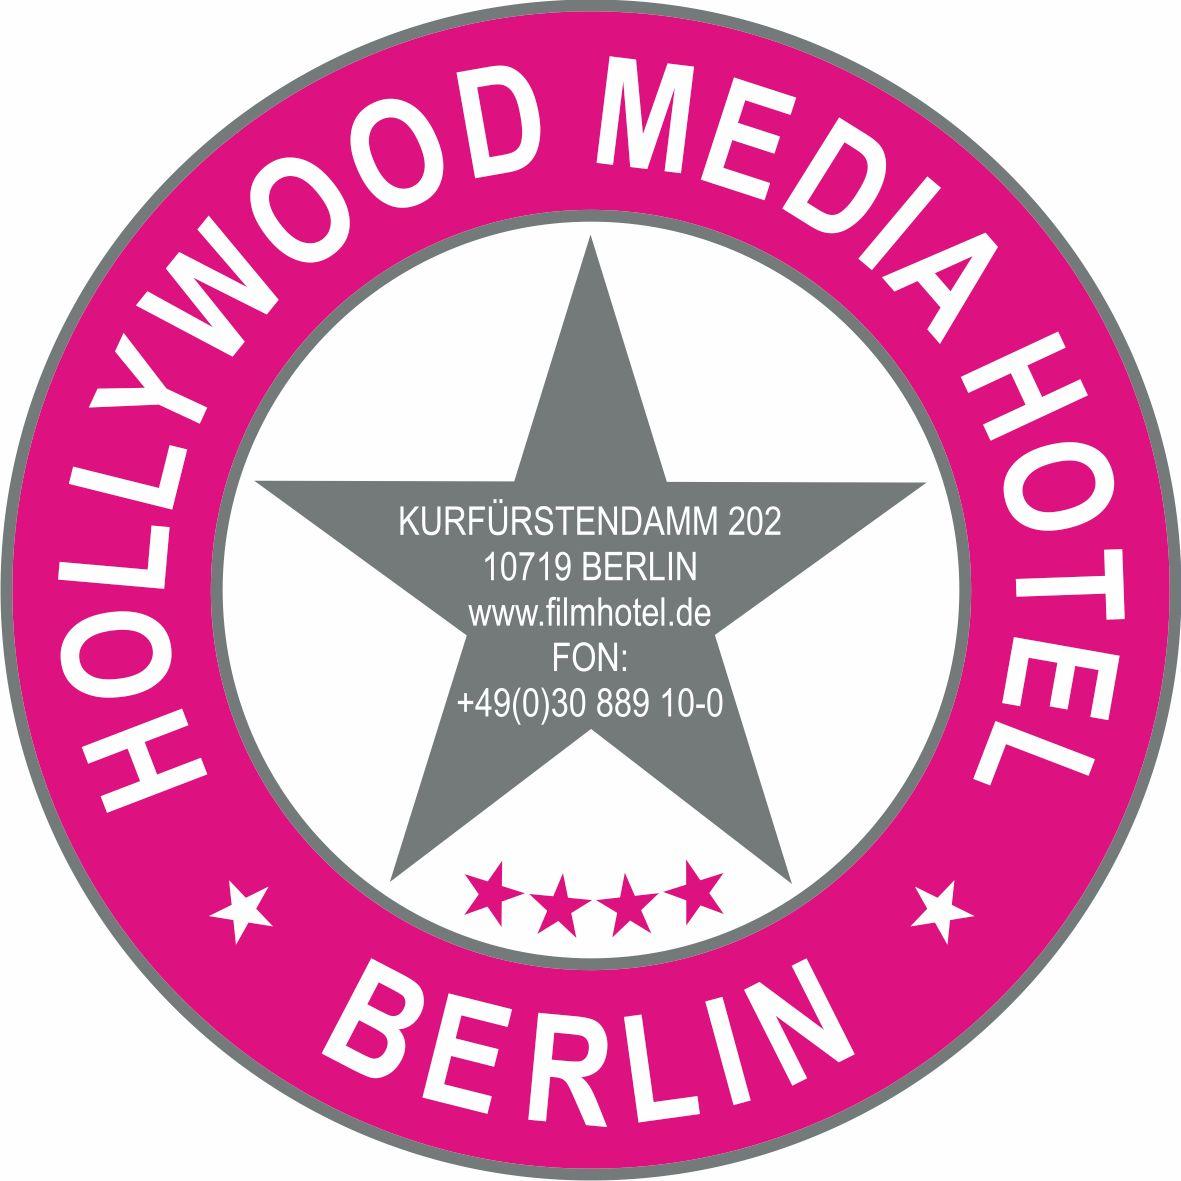 Hollywood Media Hotel, Berlin